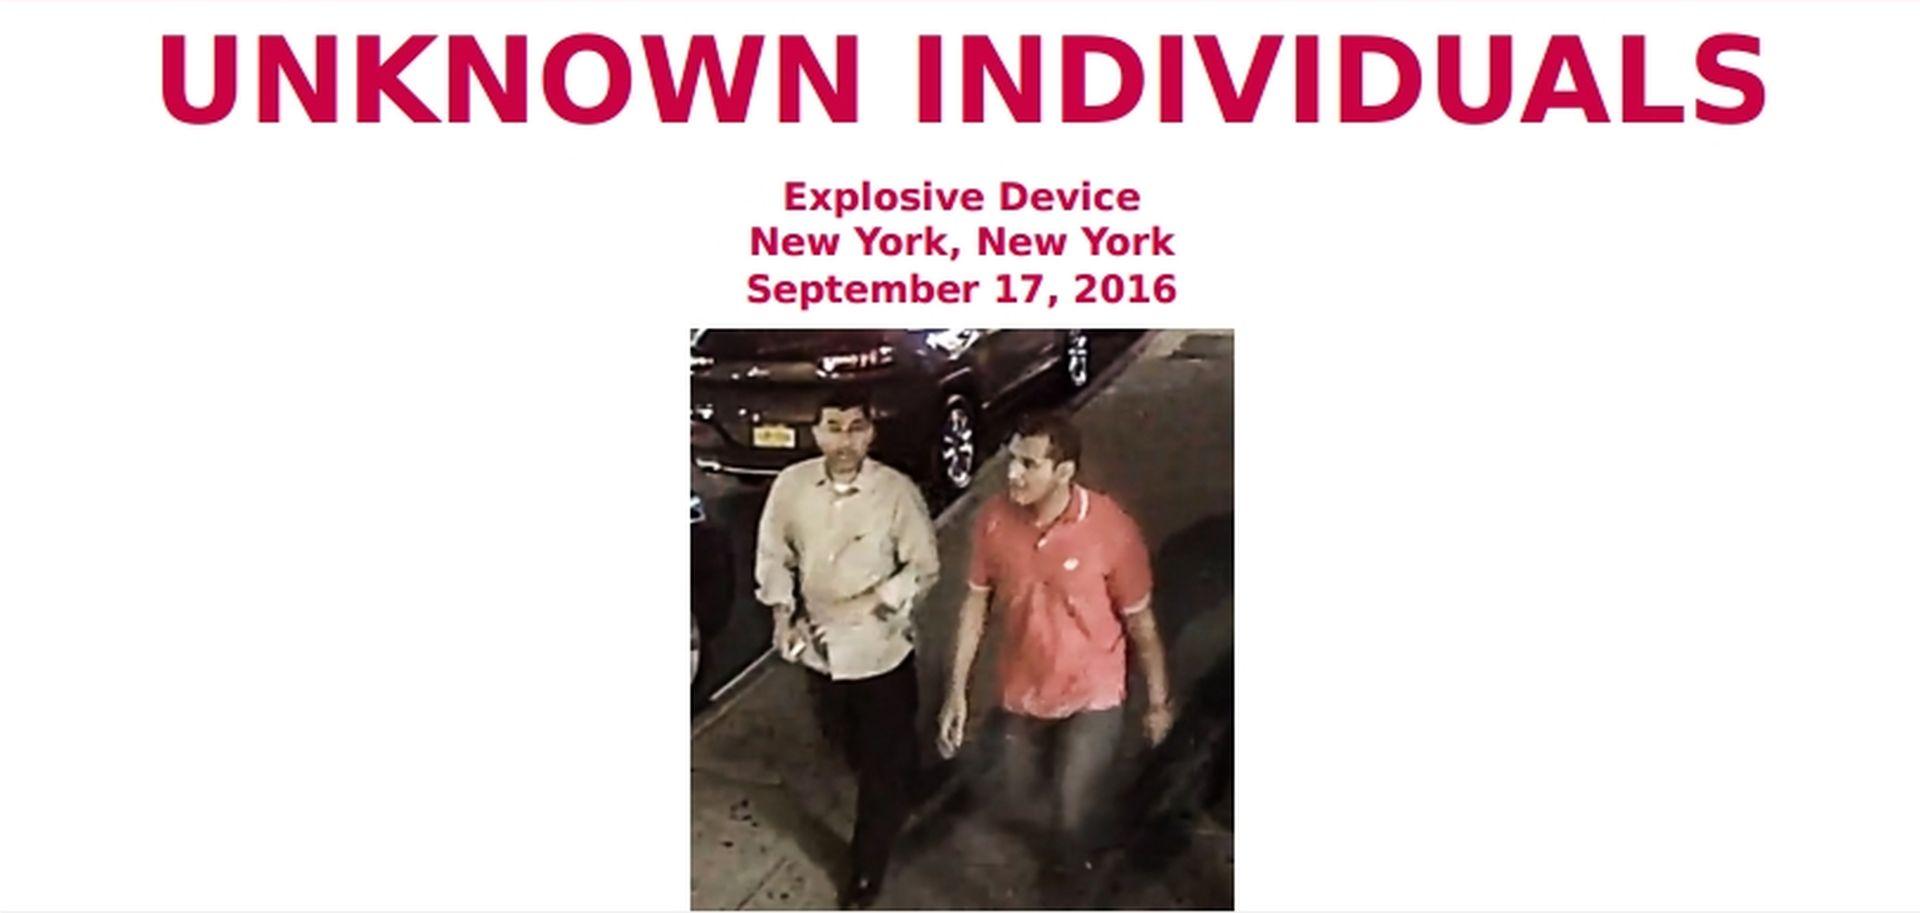 SNIMLJENI NADZORNIM KAMERAMA: FBI traži dvojicu muškaraca zbog povezanosti s eksplozijama u New Yorku